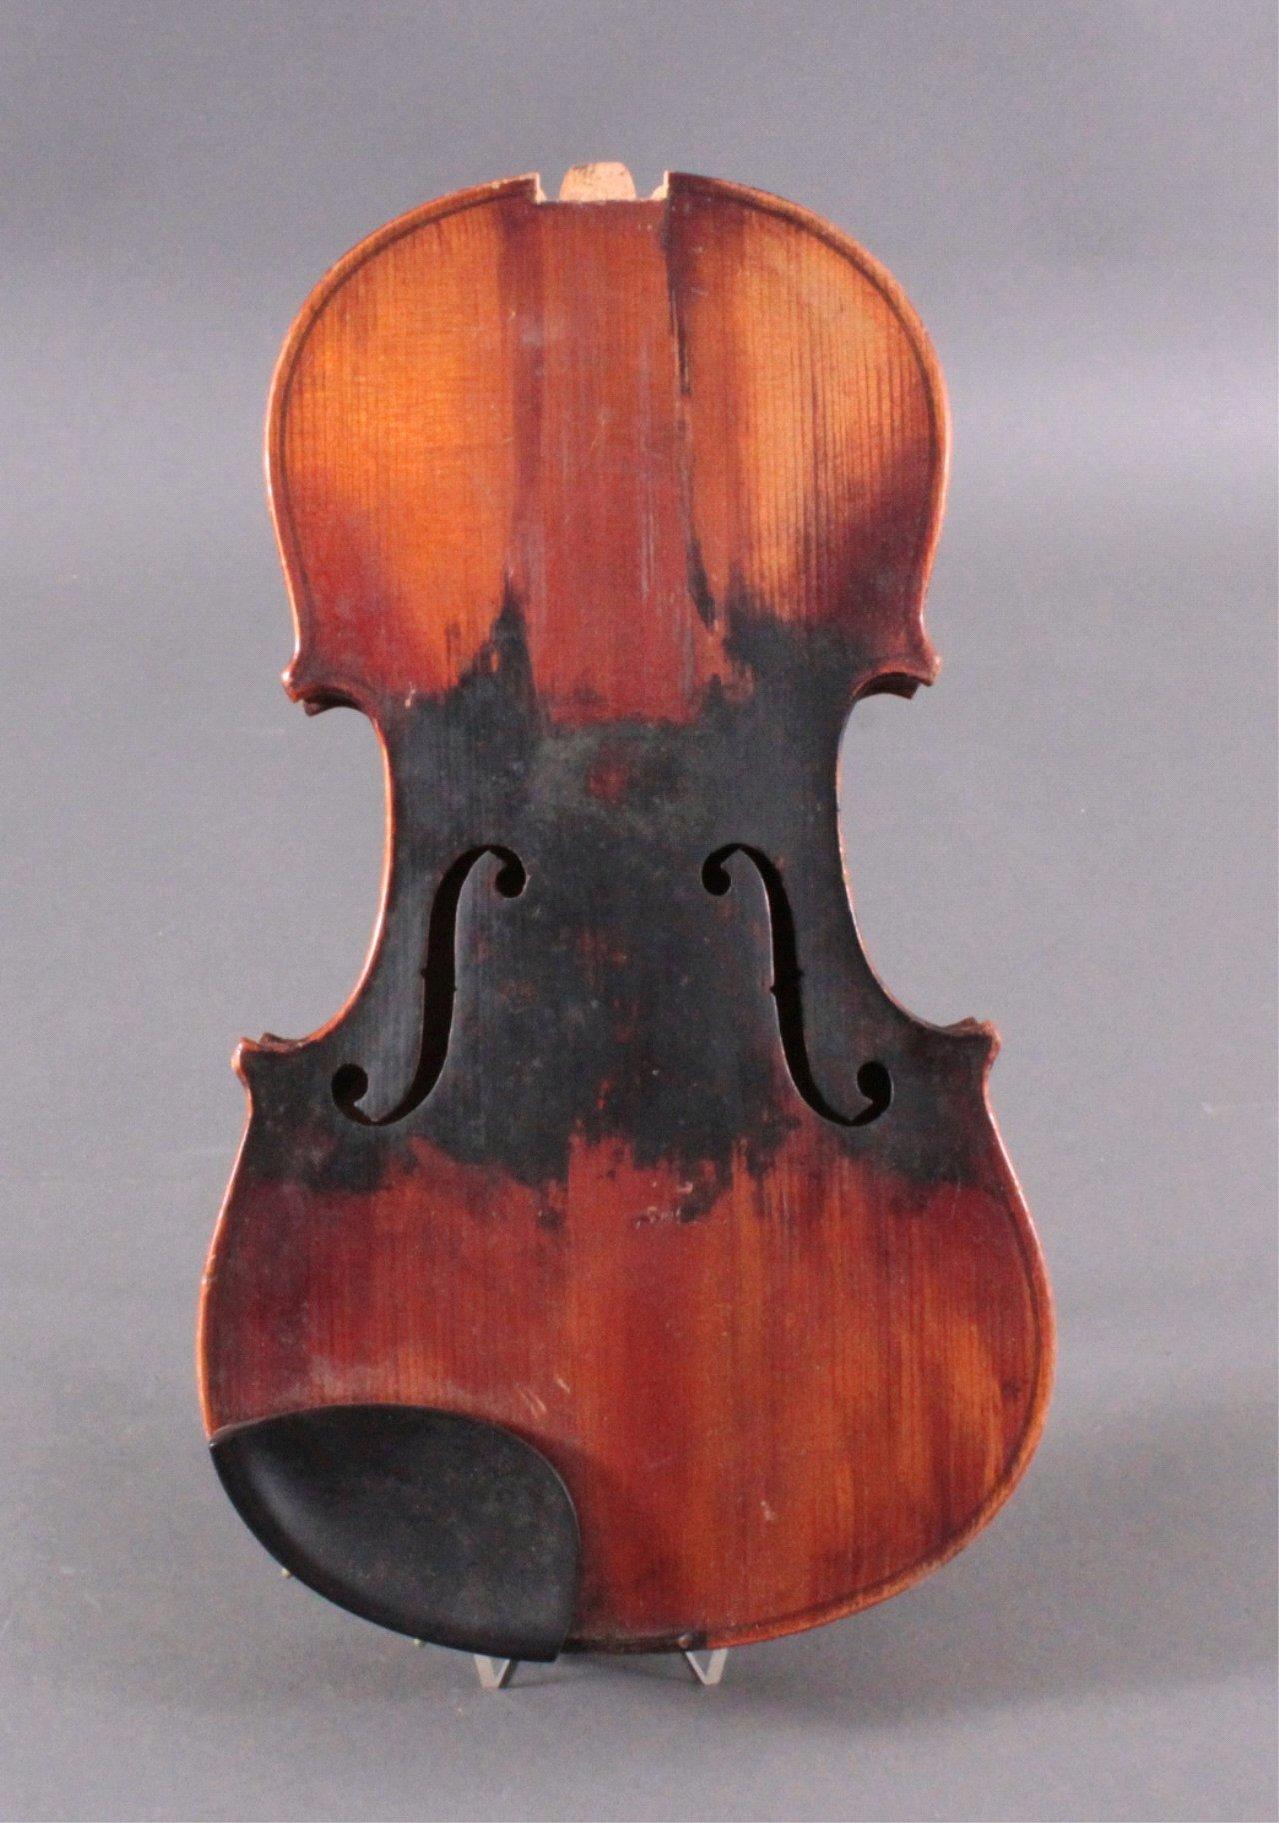 Geige / Violine mit Geigenkasten um 1900-2